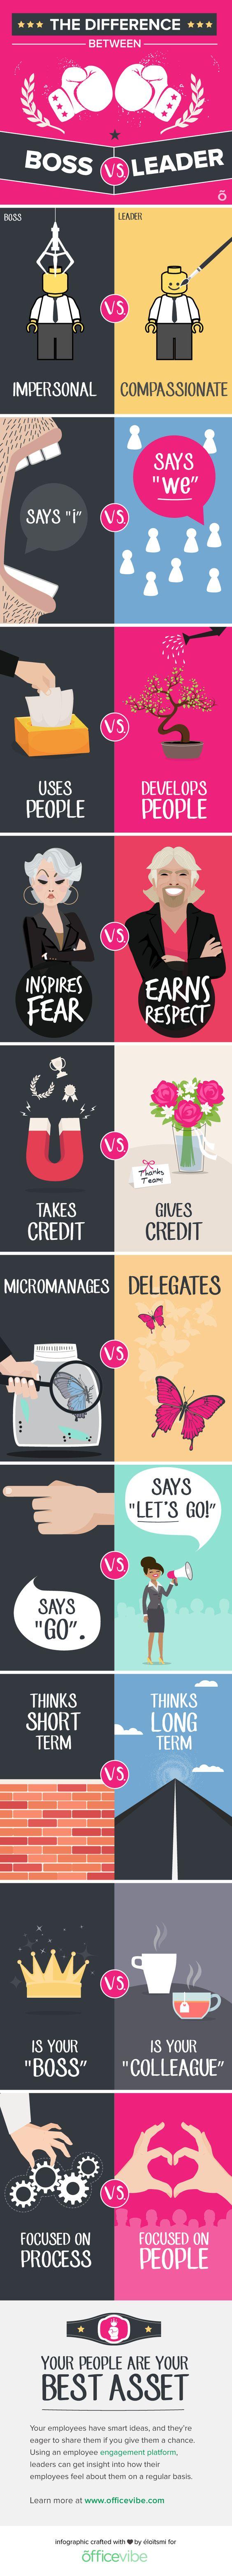 patron ve lider arasindaki farklar infografik officevibe